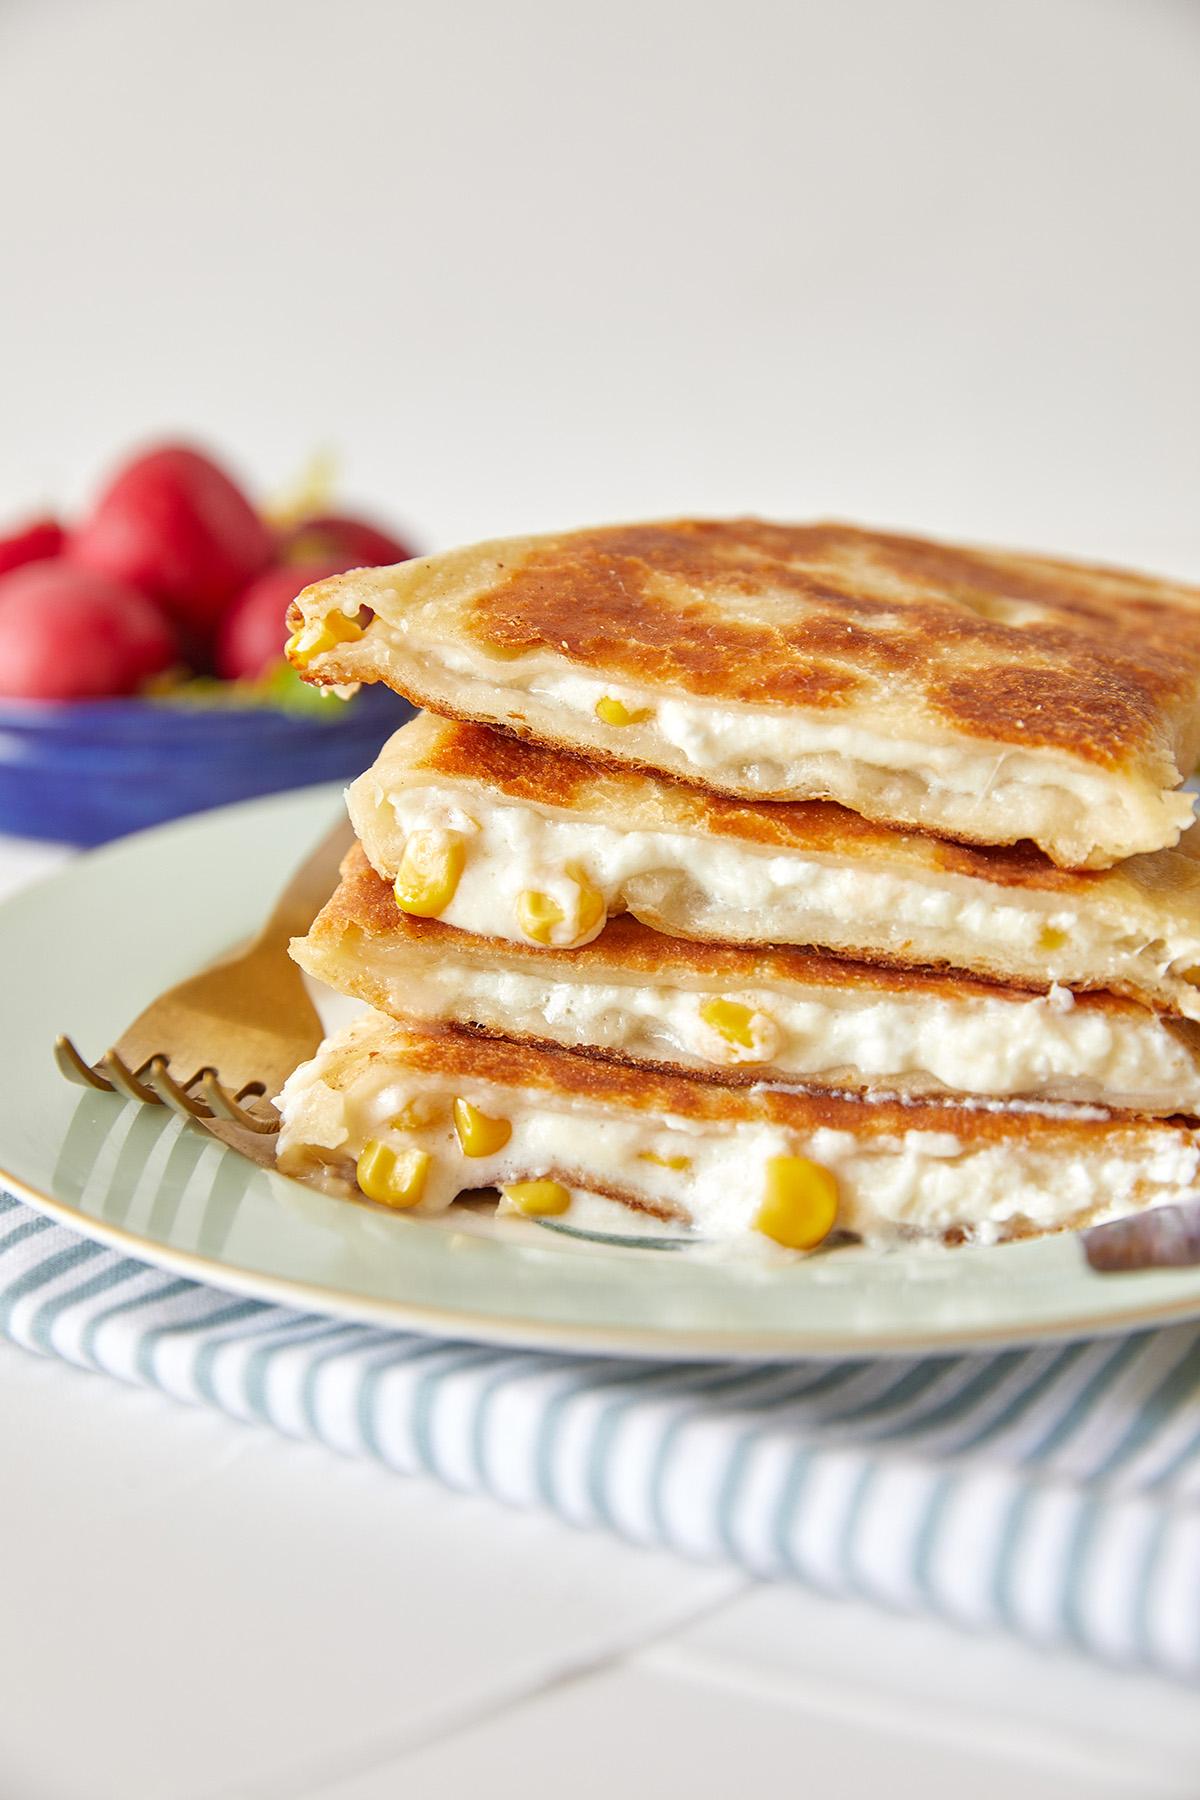 לחם מחבת מ-2 מצרכים במילוי גבינות ותירס. צילום: טל סיון צפורין